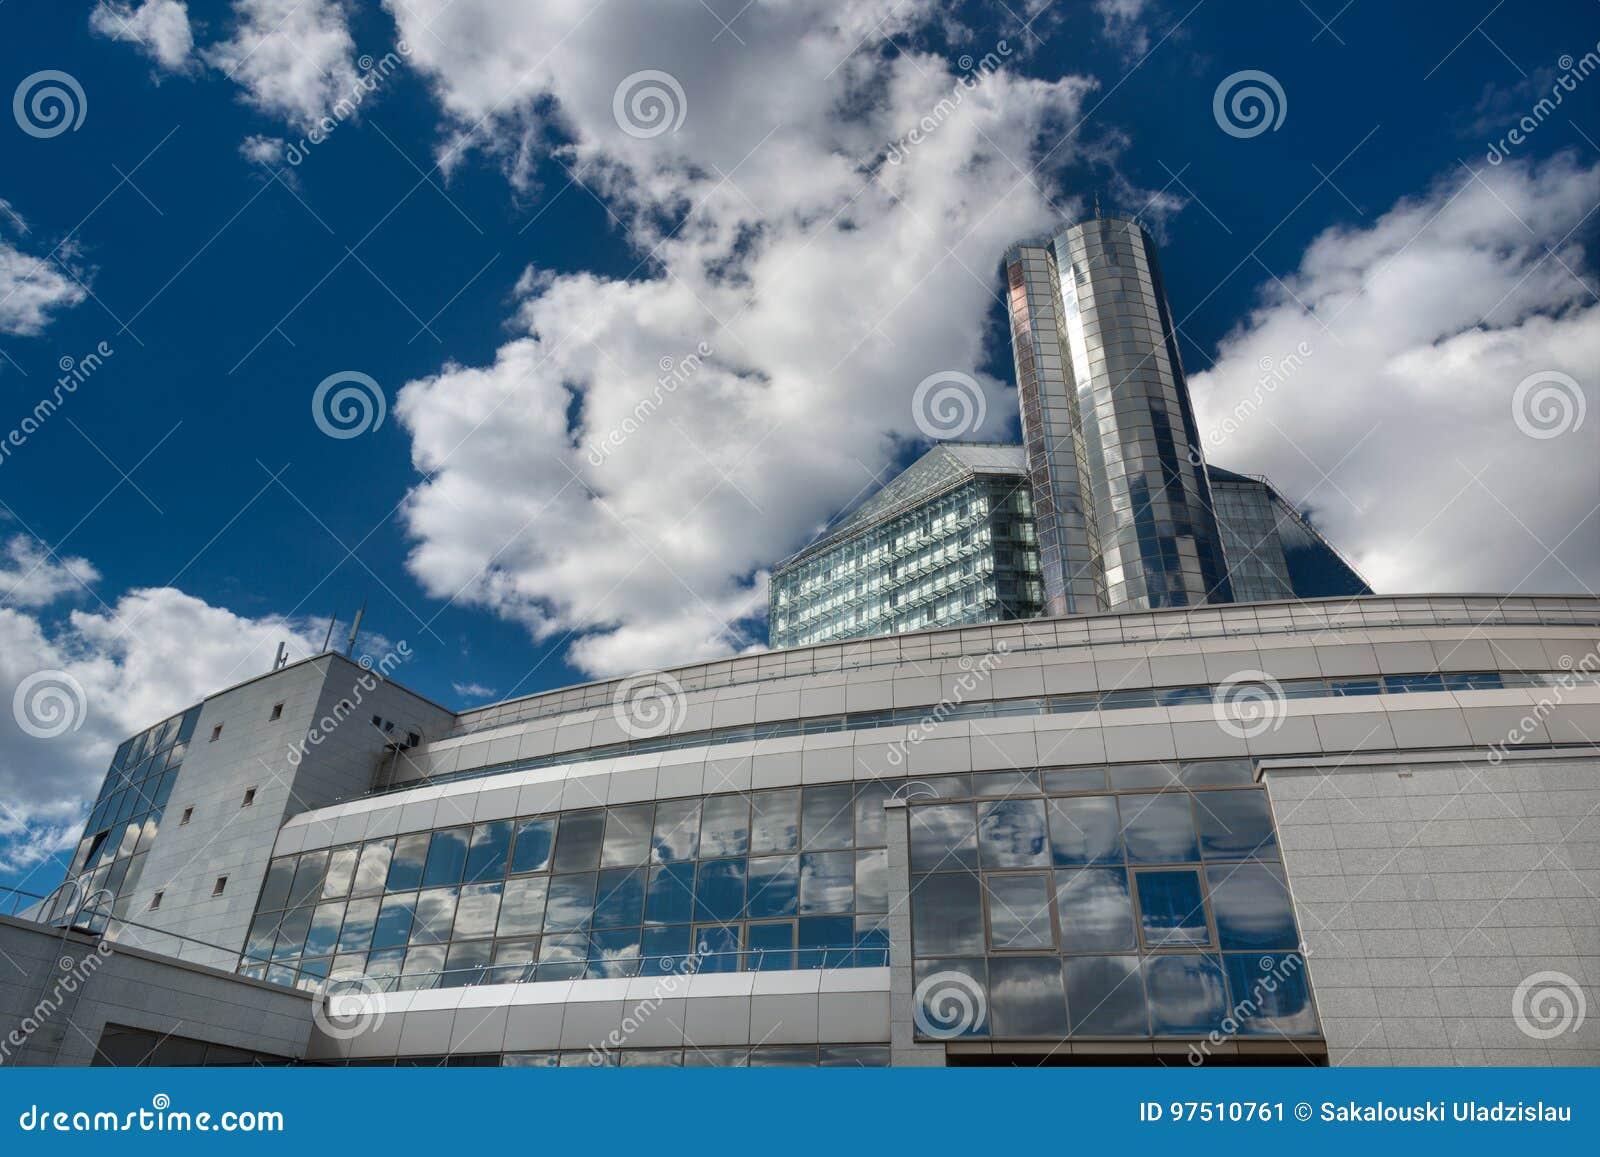 Εθνική βιβλιοθήκη κρατικού οργάνου ` λευκορωσικού `, της φουτουριστικής πίσω άποψης με τις αντανακλάσεις του μπλε ουρανού και των